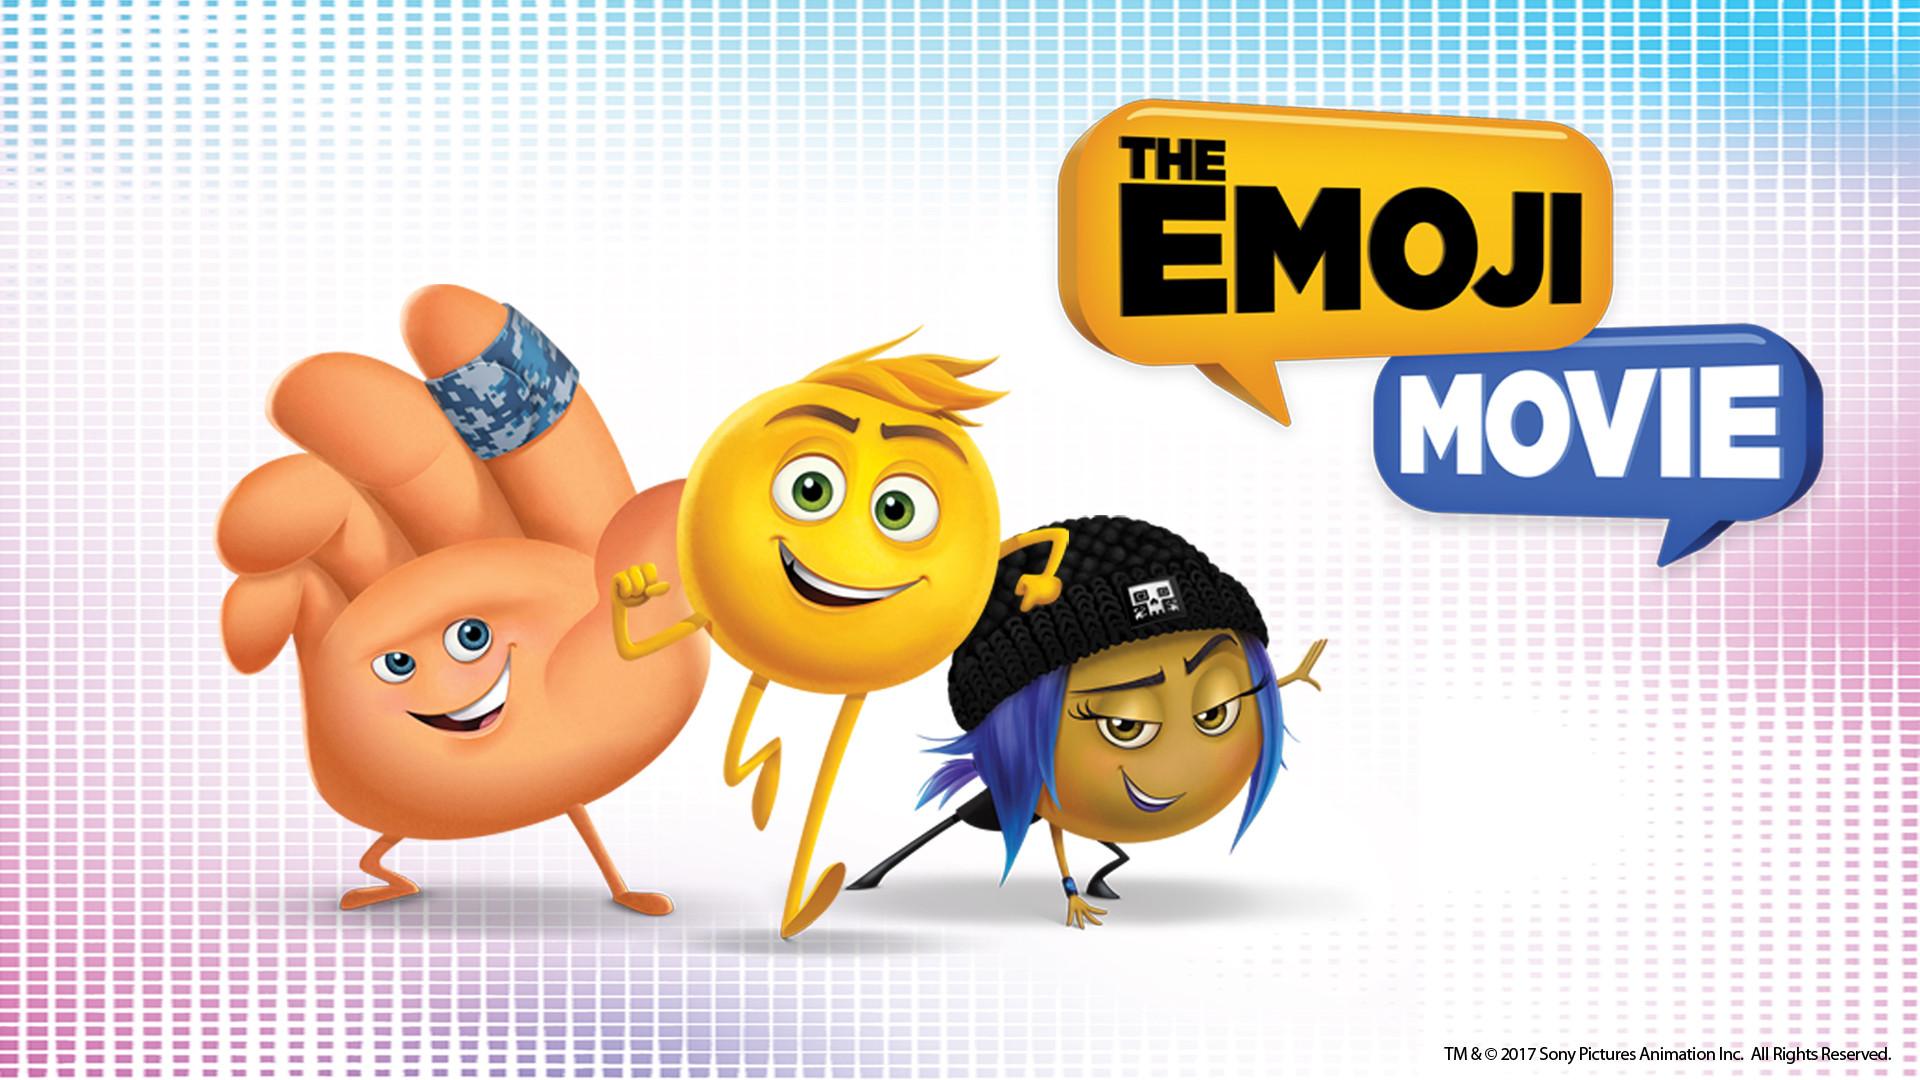 Fondos de pantalla de Los Emoji, Wallpapers HD de la película